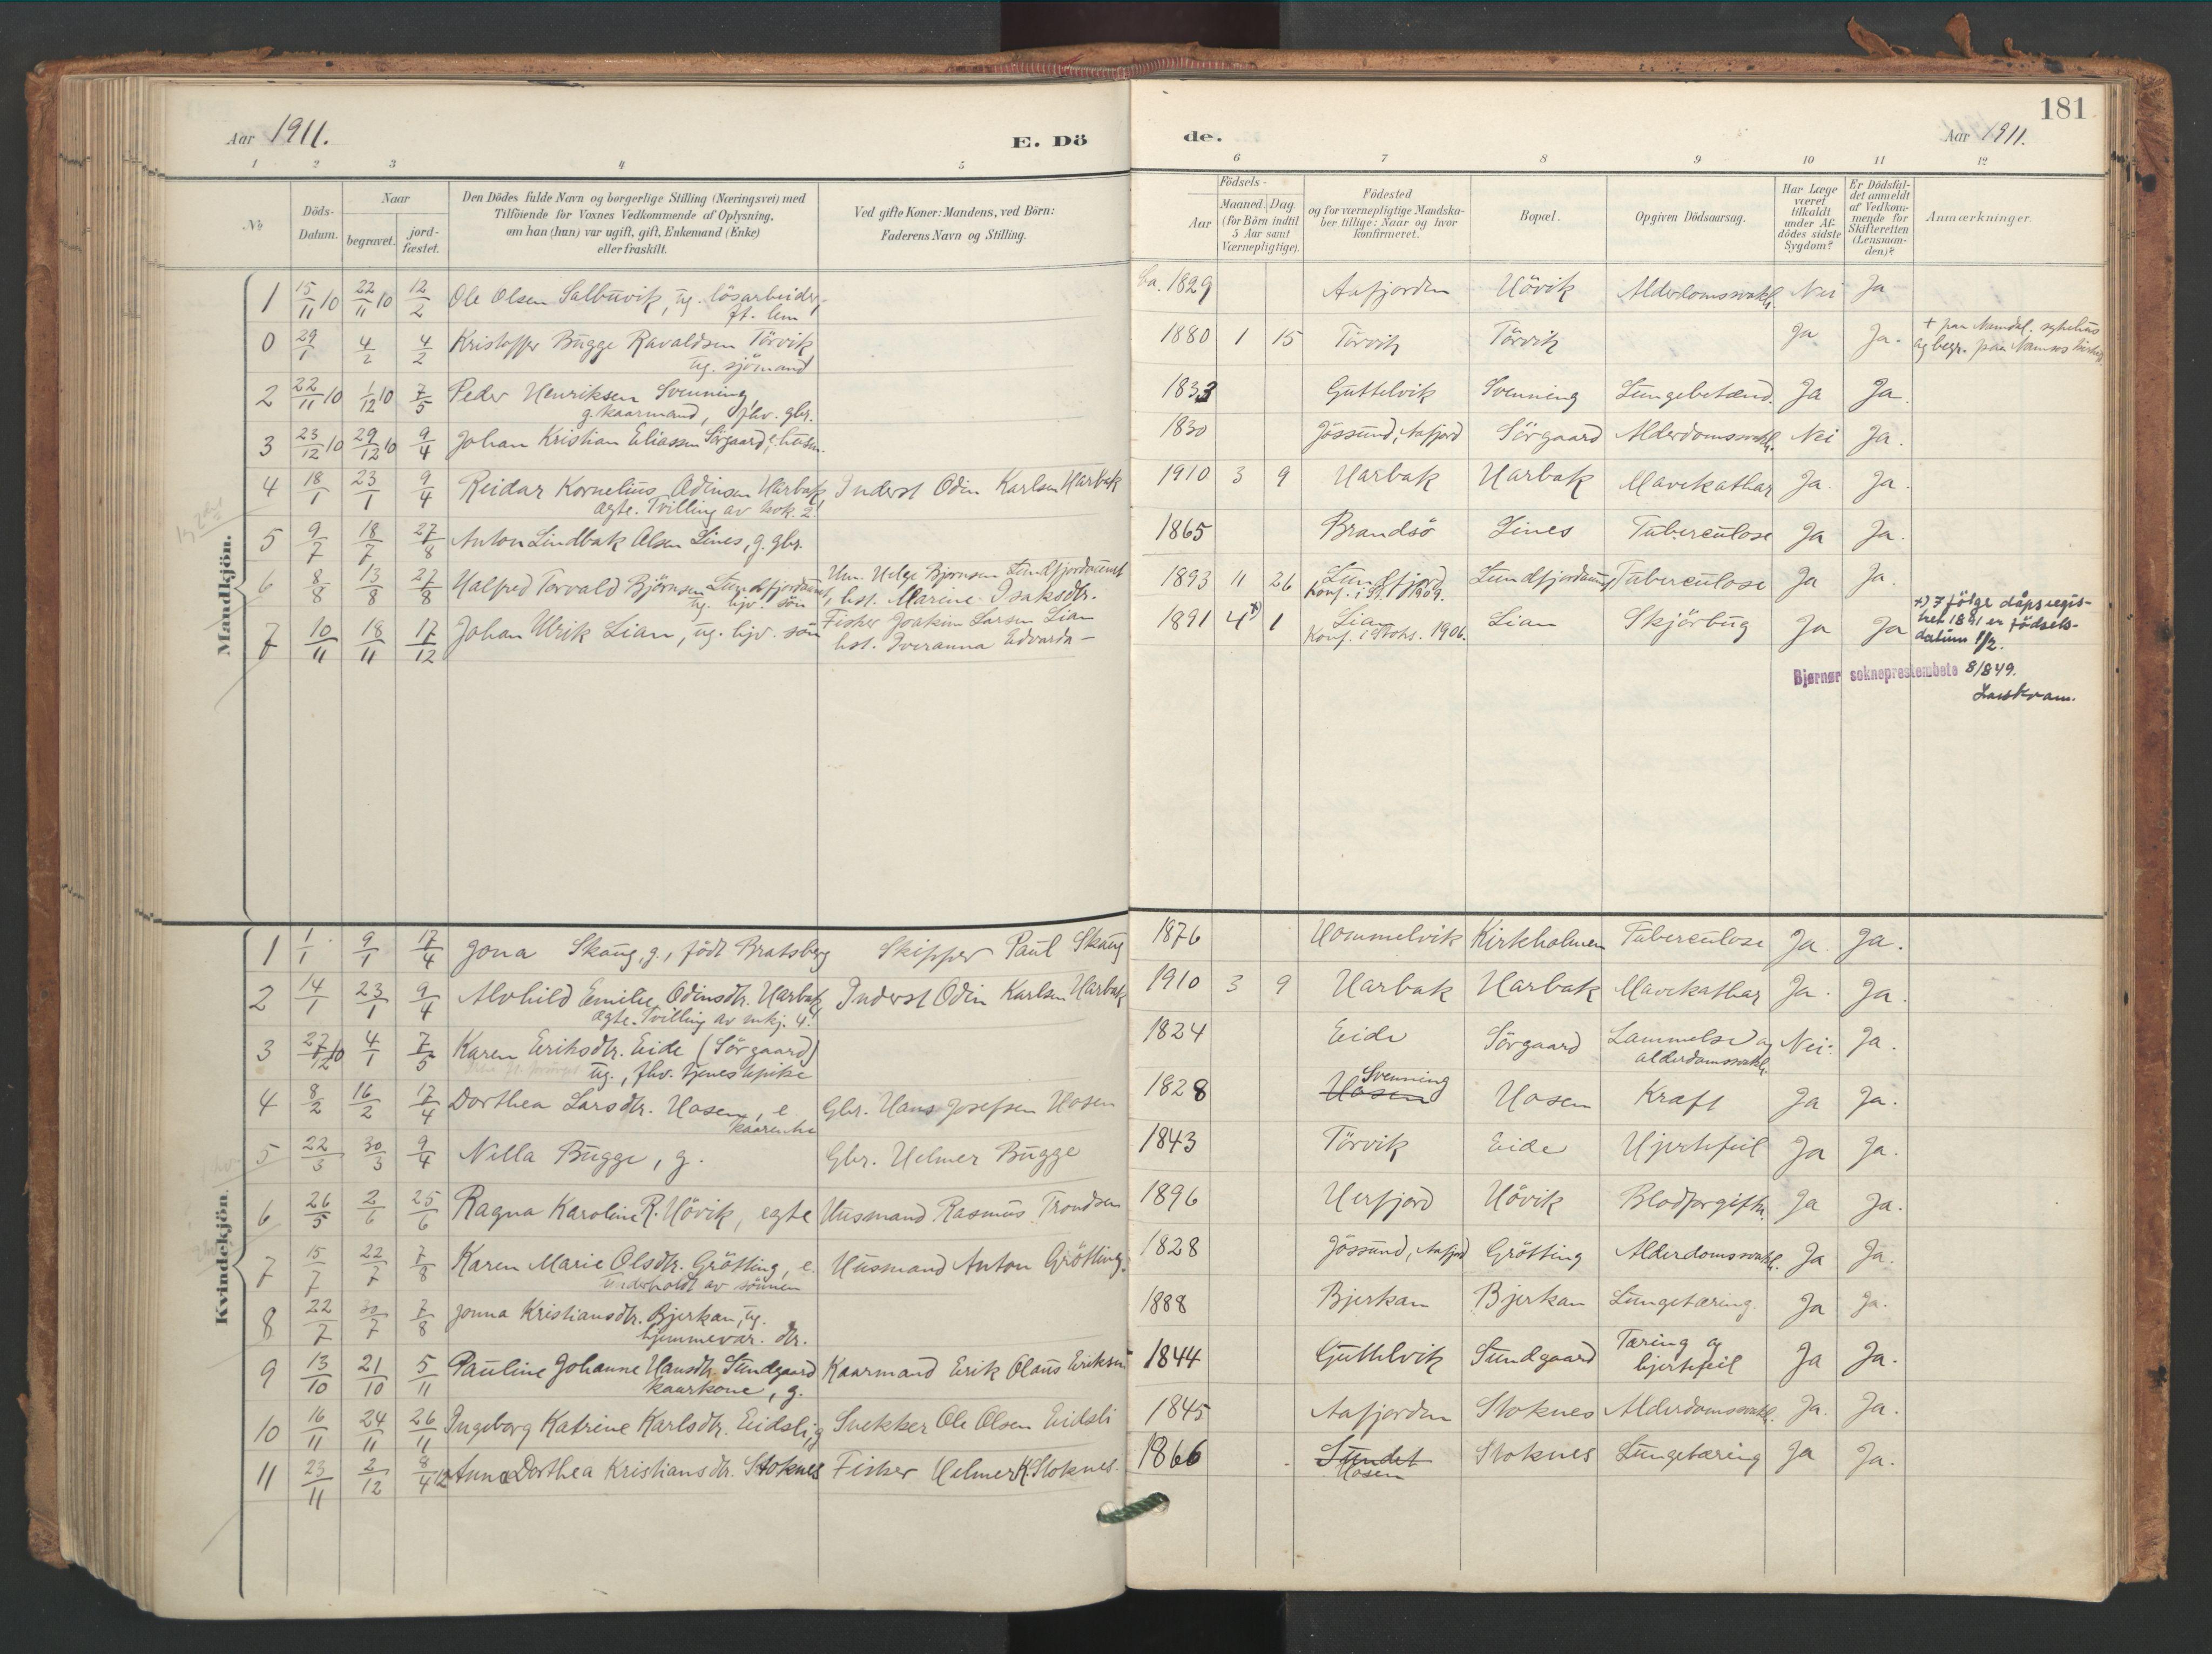 SAT, Ministerialprotokoller, klokkerbøker og fødselsregistre - Sør-Trøndelag, 656/L0693: Ministerialbok nr. 656A02, 1894-1913, s. 181